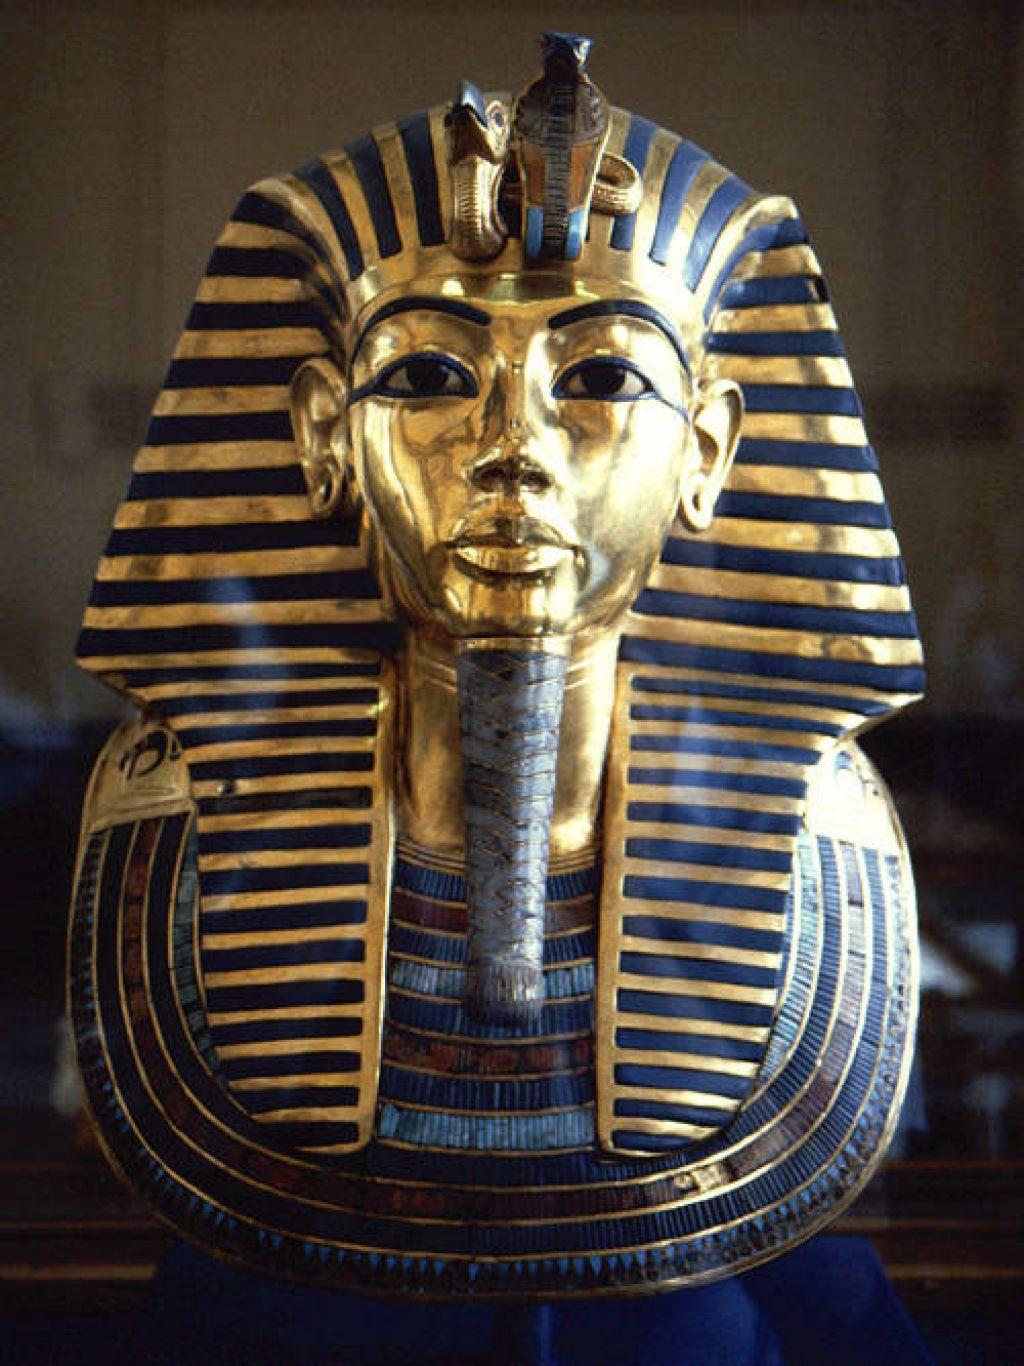 Tutankamon ni bil lepotec, bil je rezultat incesta